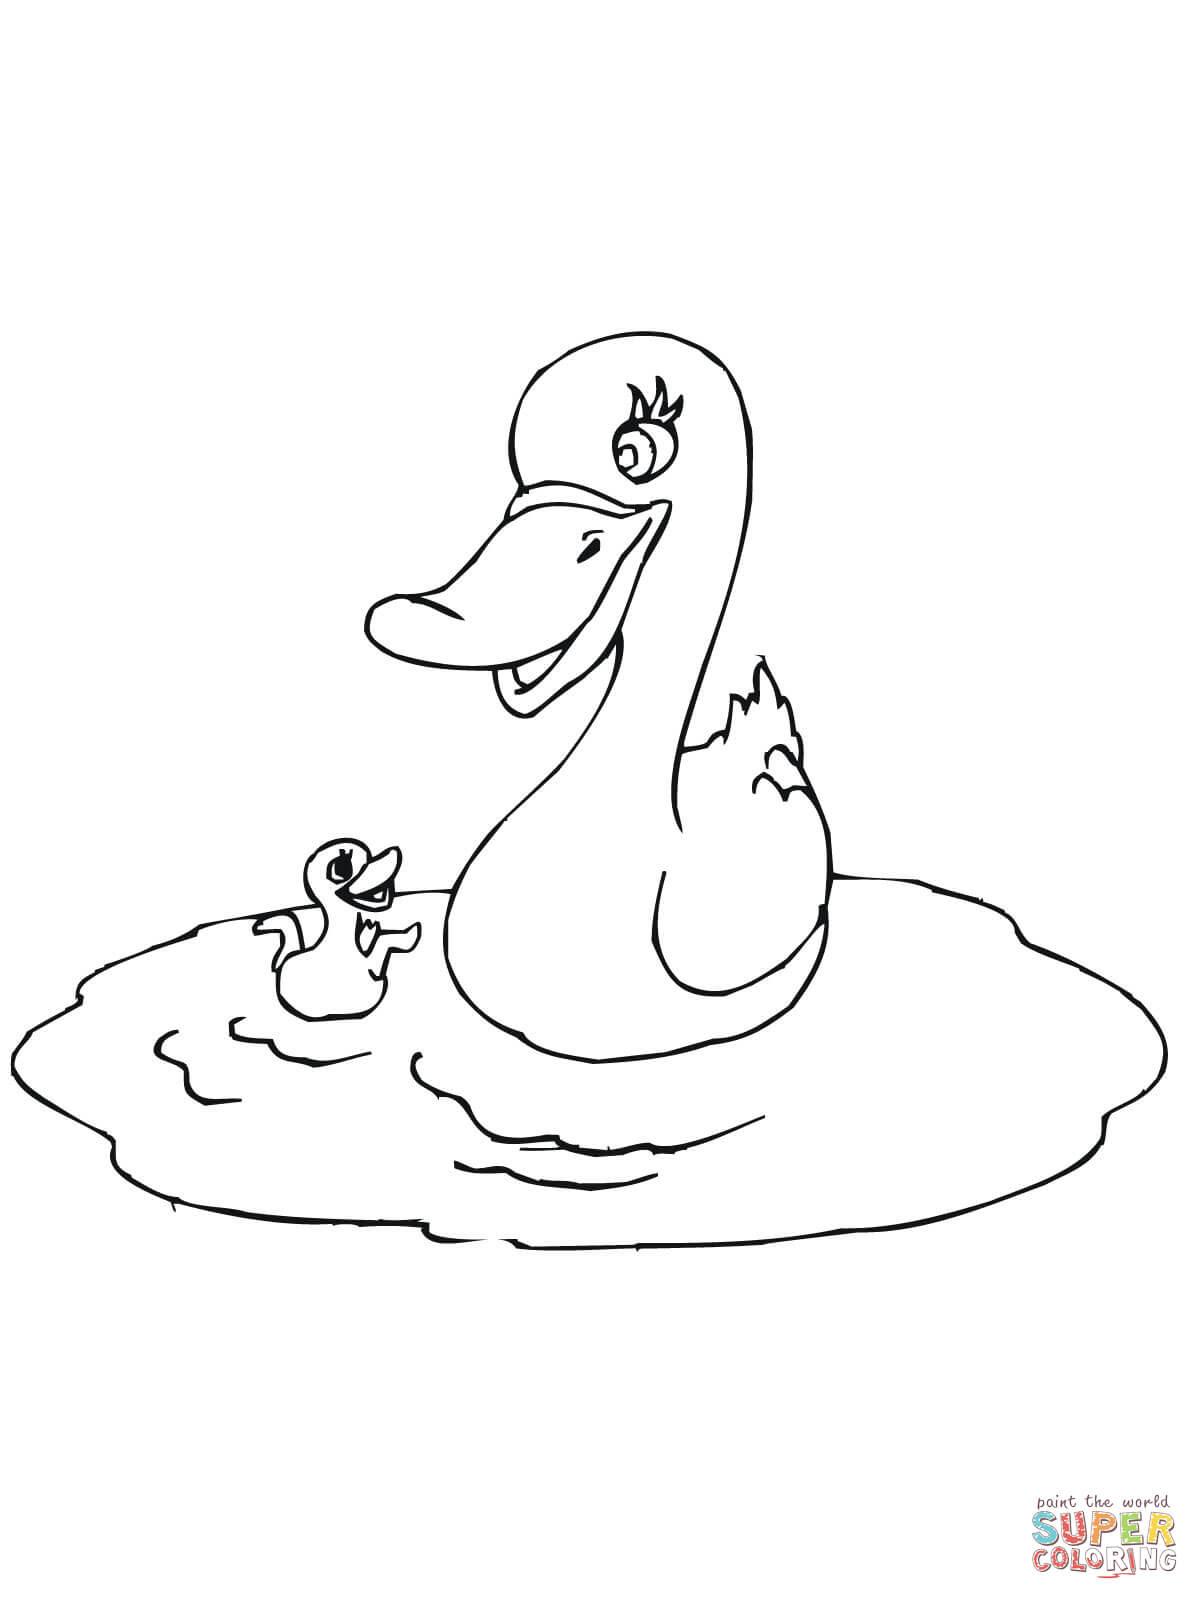 Dibujos De Patos Para Colorear Páginas Para Imprimir Y Colorear Gratis